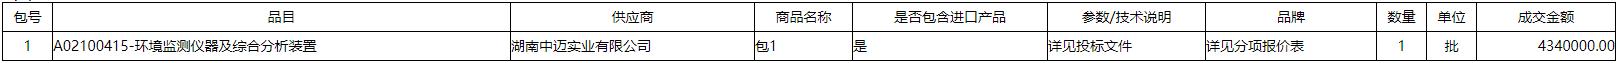 微信截图_20201130105627.png